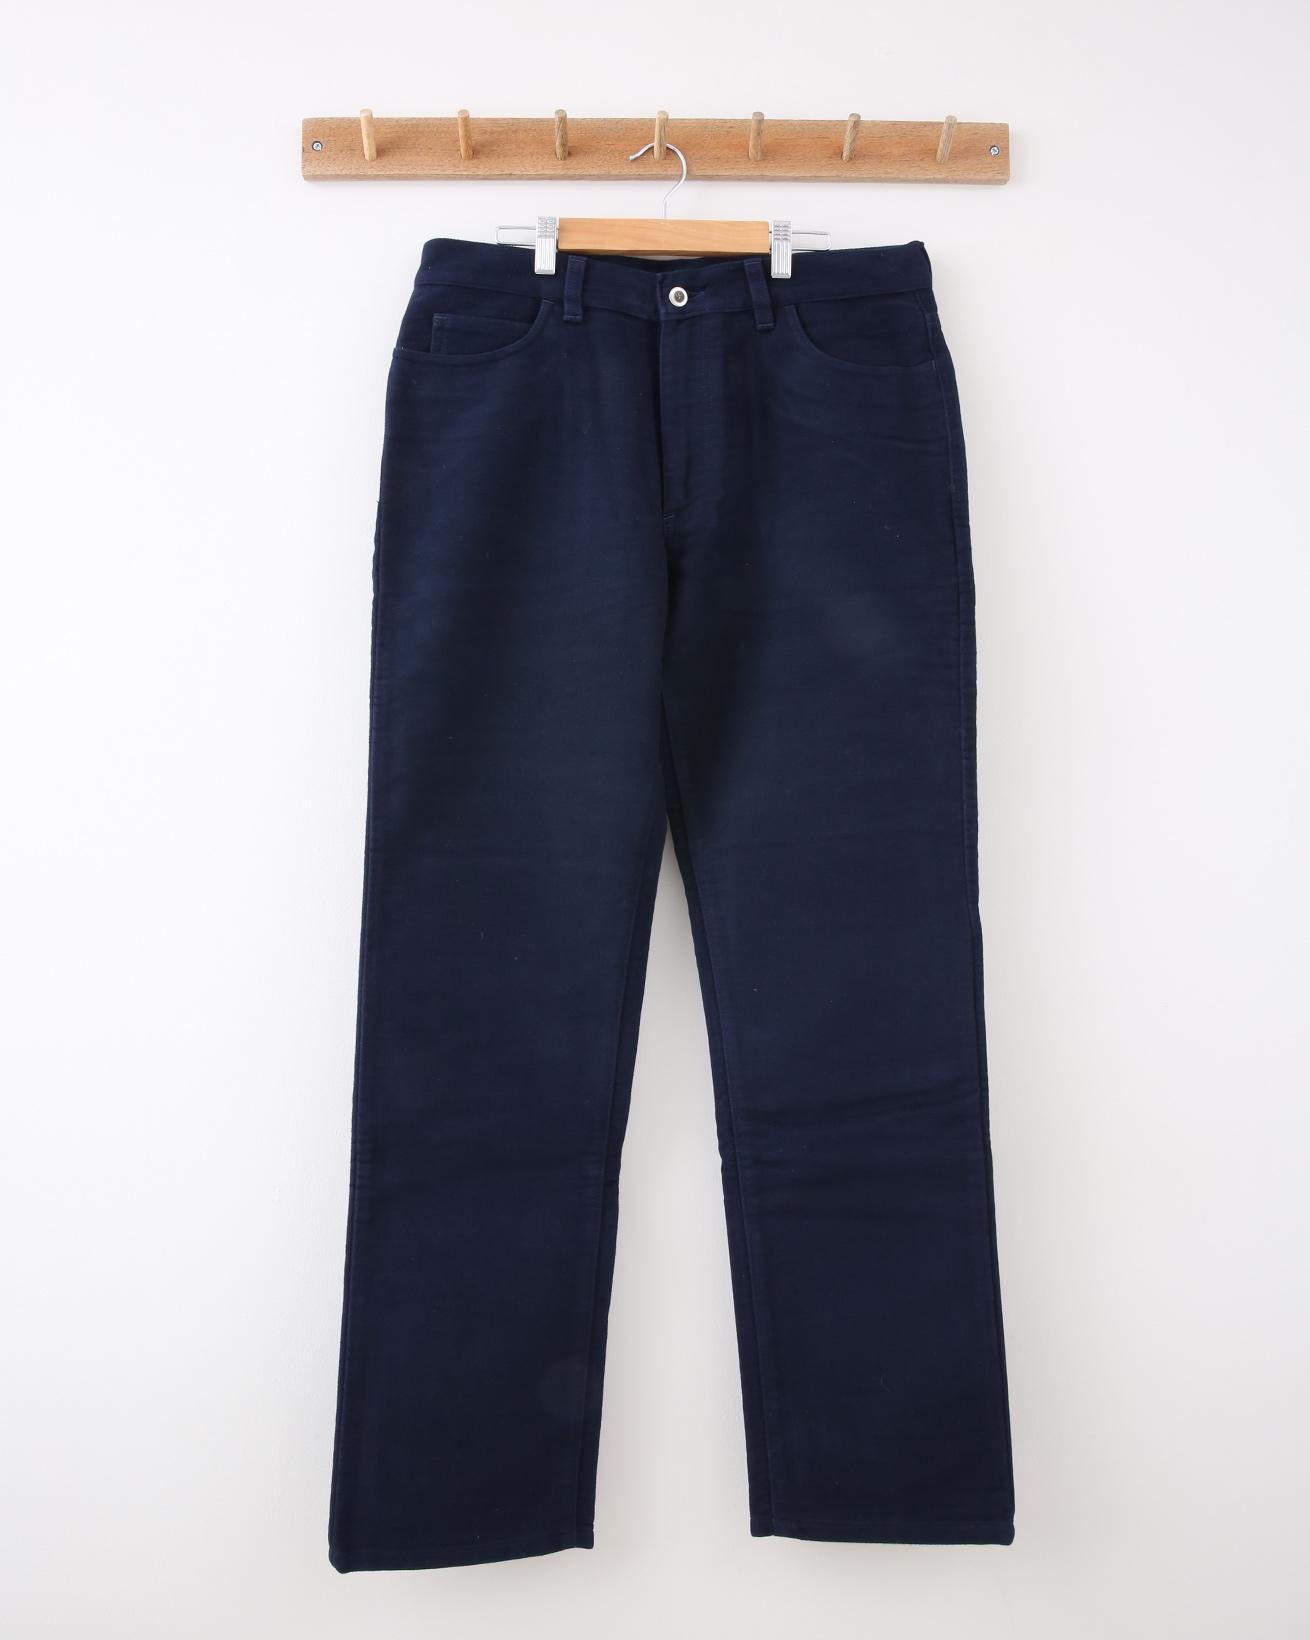 Mens Moleskin Trouser - 34 Regular - Midnight Blue - 1356